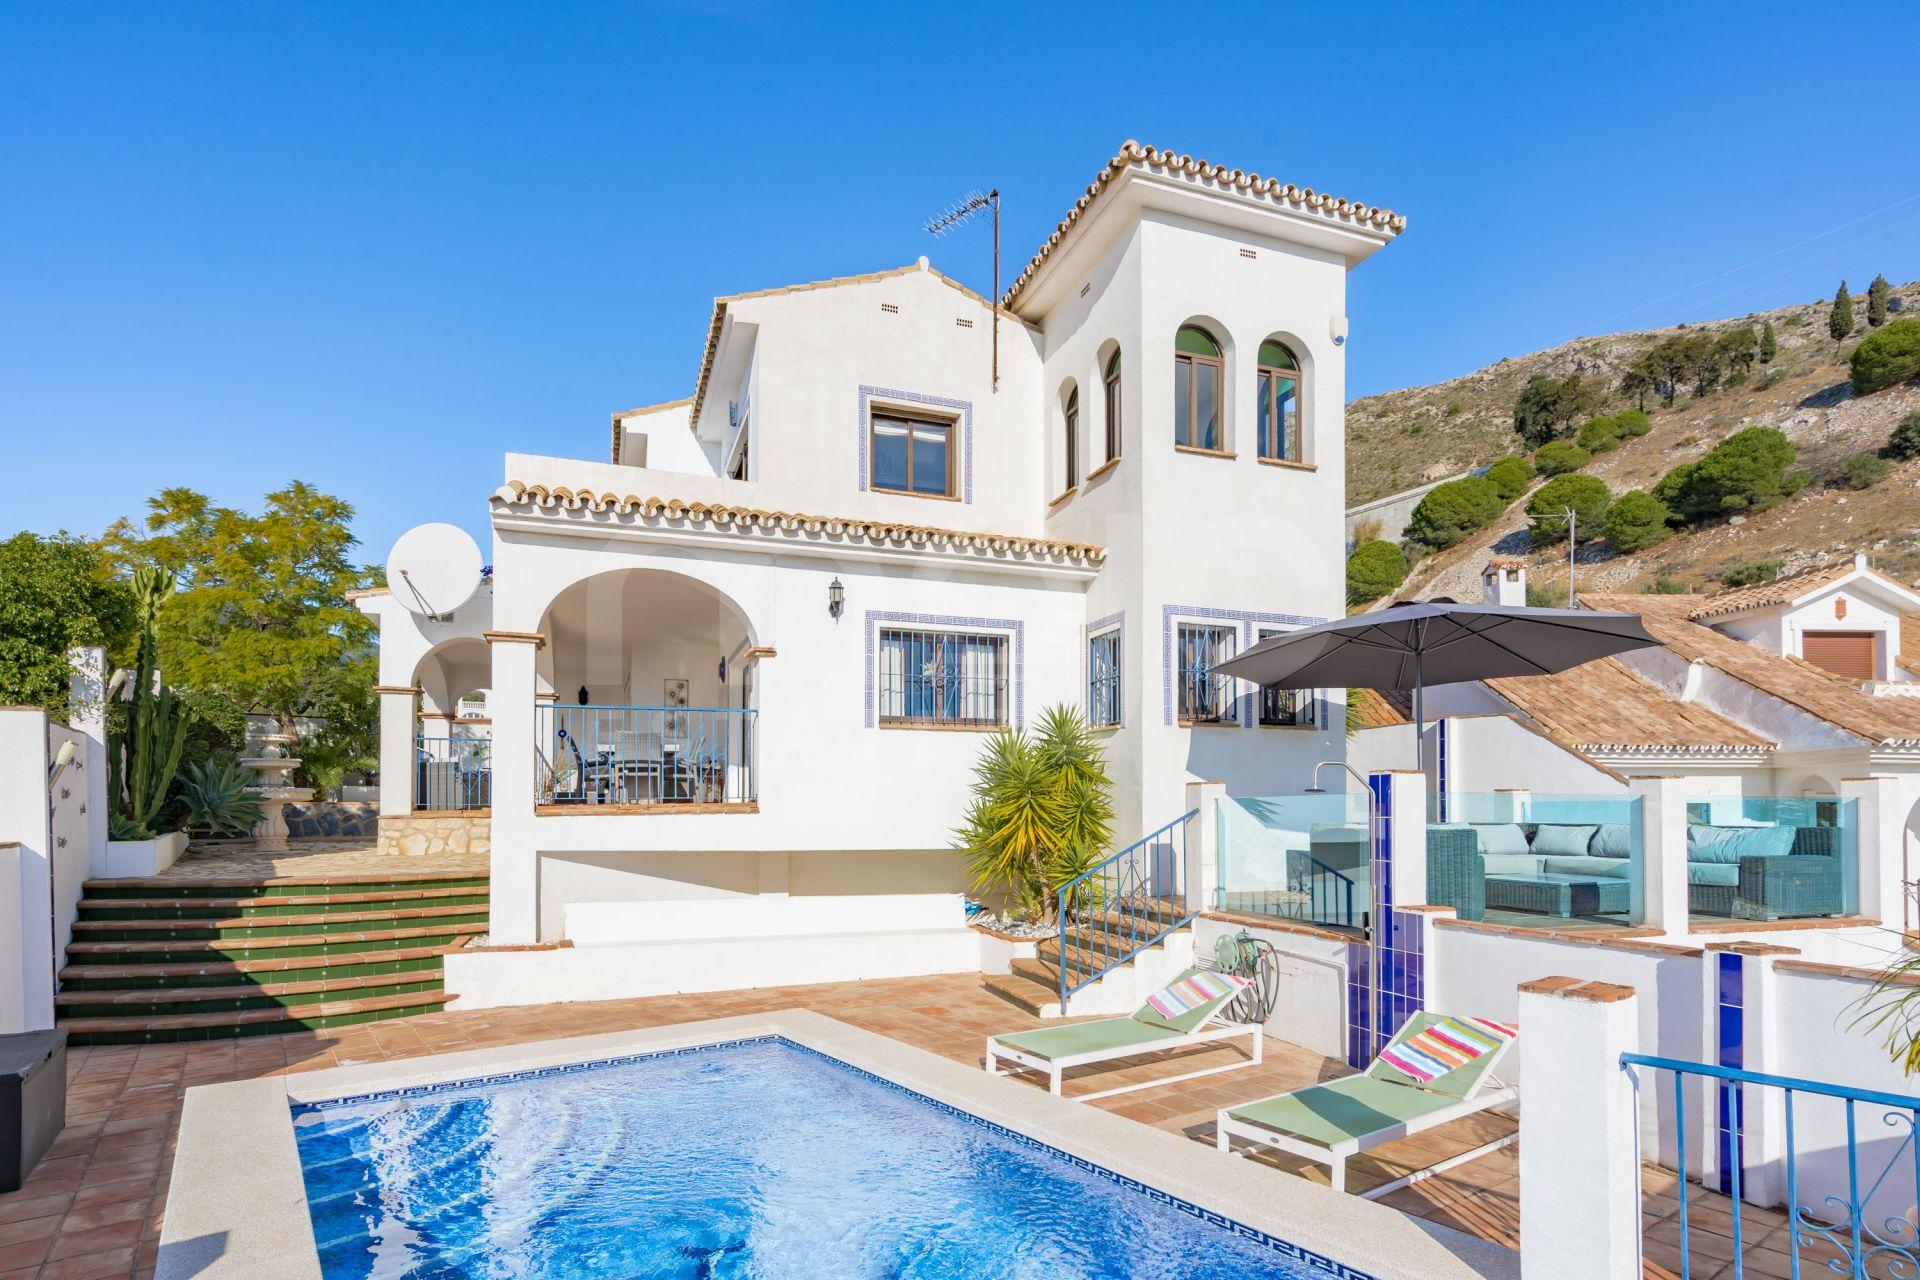 Bienvenidos a Villa Estrella Esta es una combinación perfecta de una villa de estilo andaluz y escandinavo con una vista impresionante sobre el mar Mediterráneo. La casa es luminosa y tiene un carácter y un alma únicos.